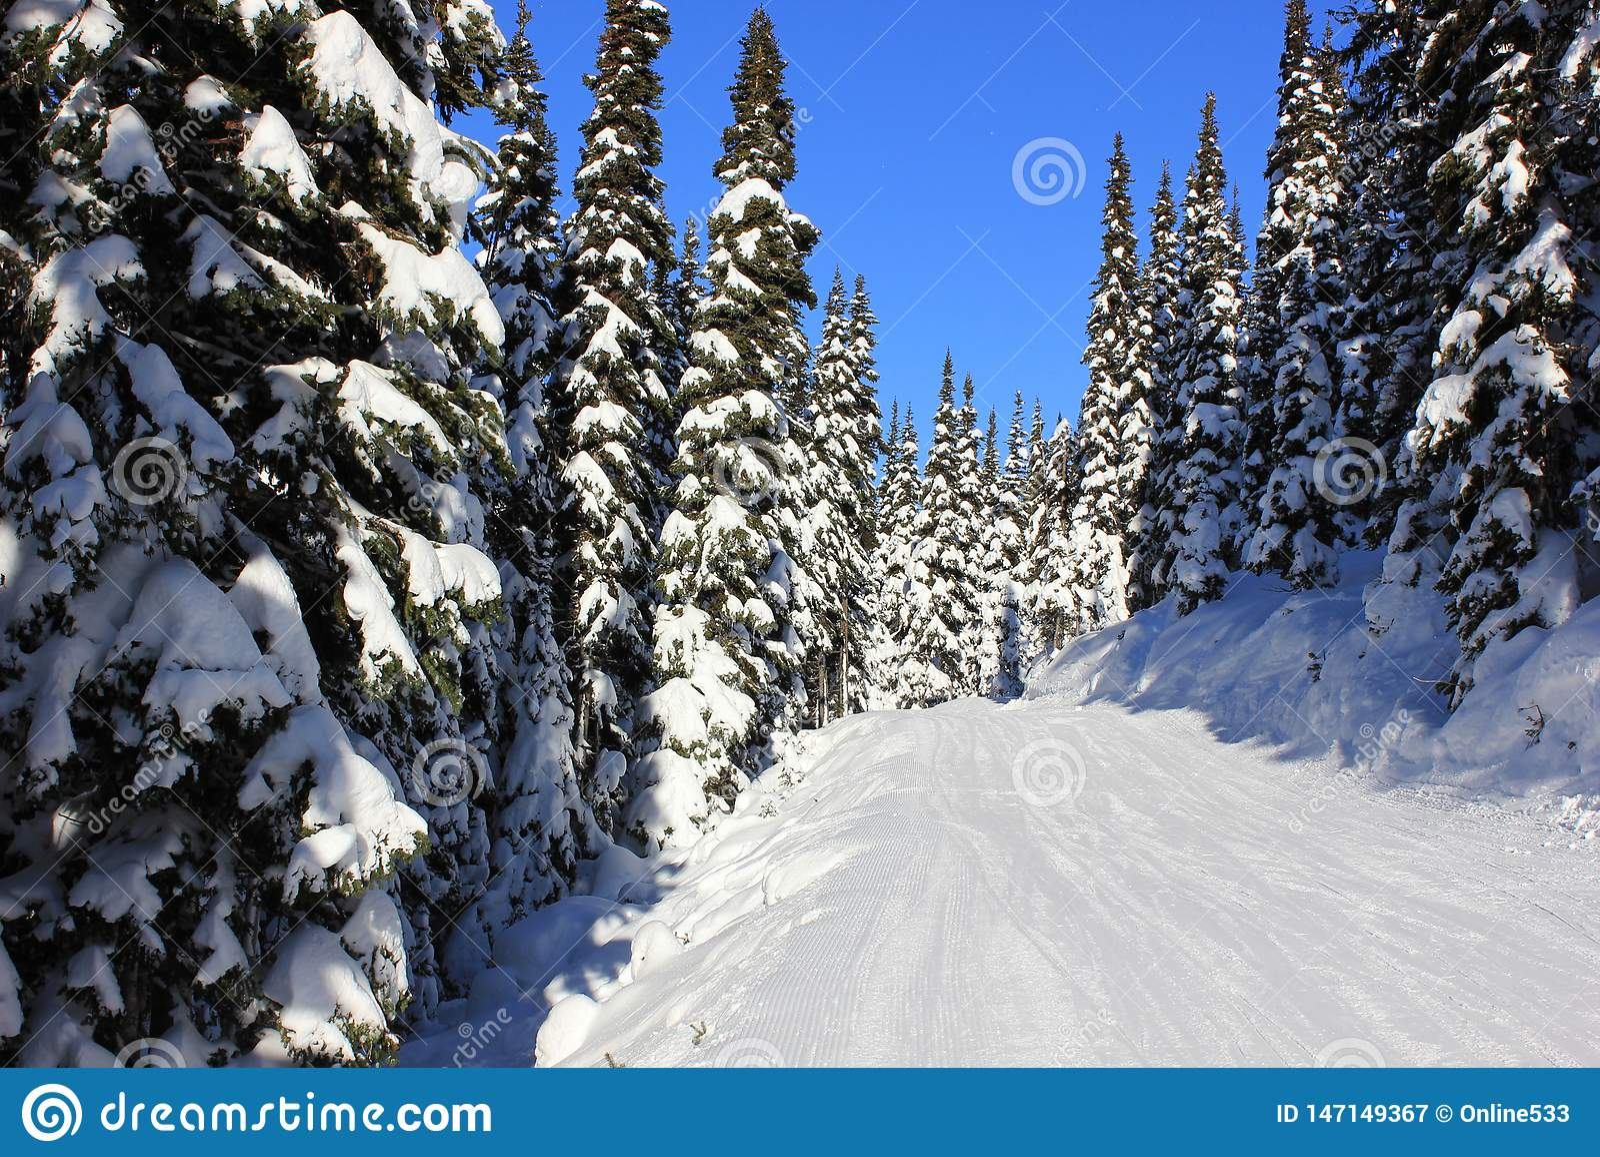 Snowy-Wald im Winter an einem sonnigen Tag